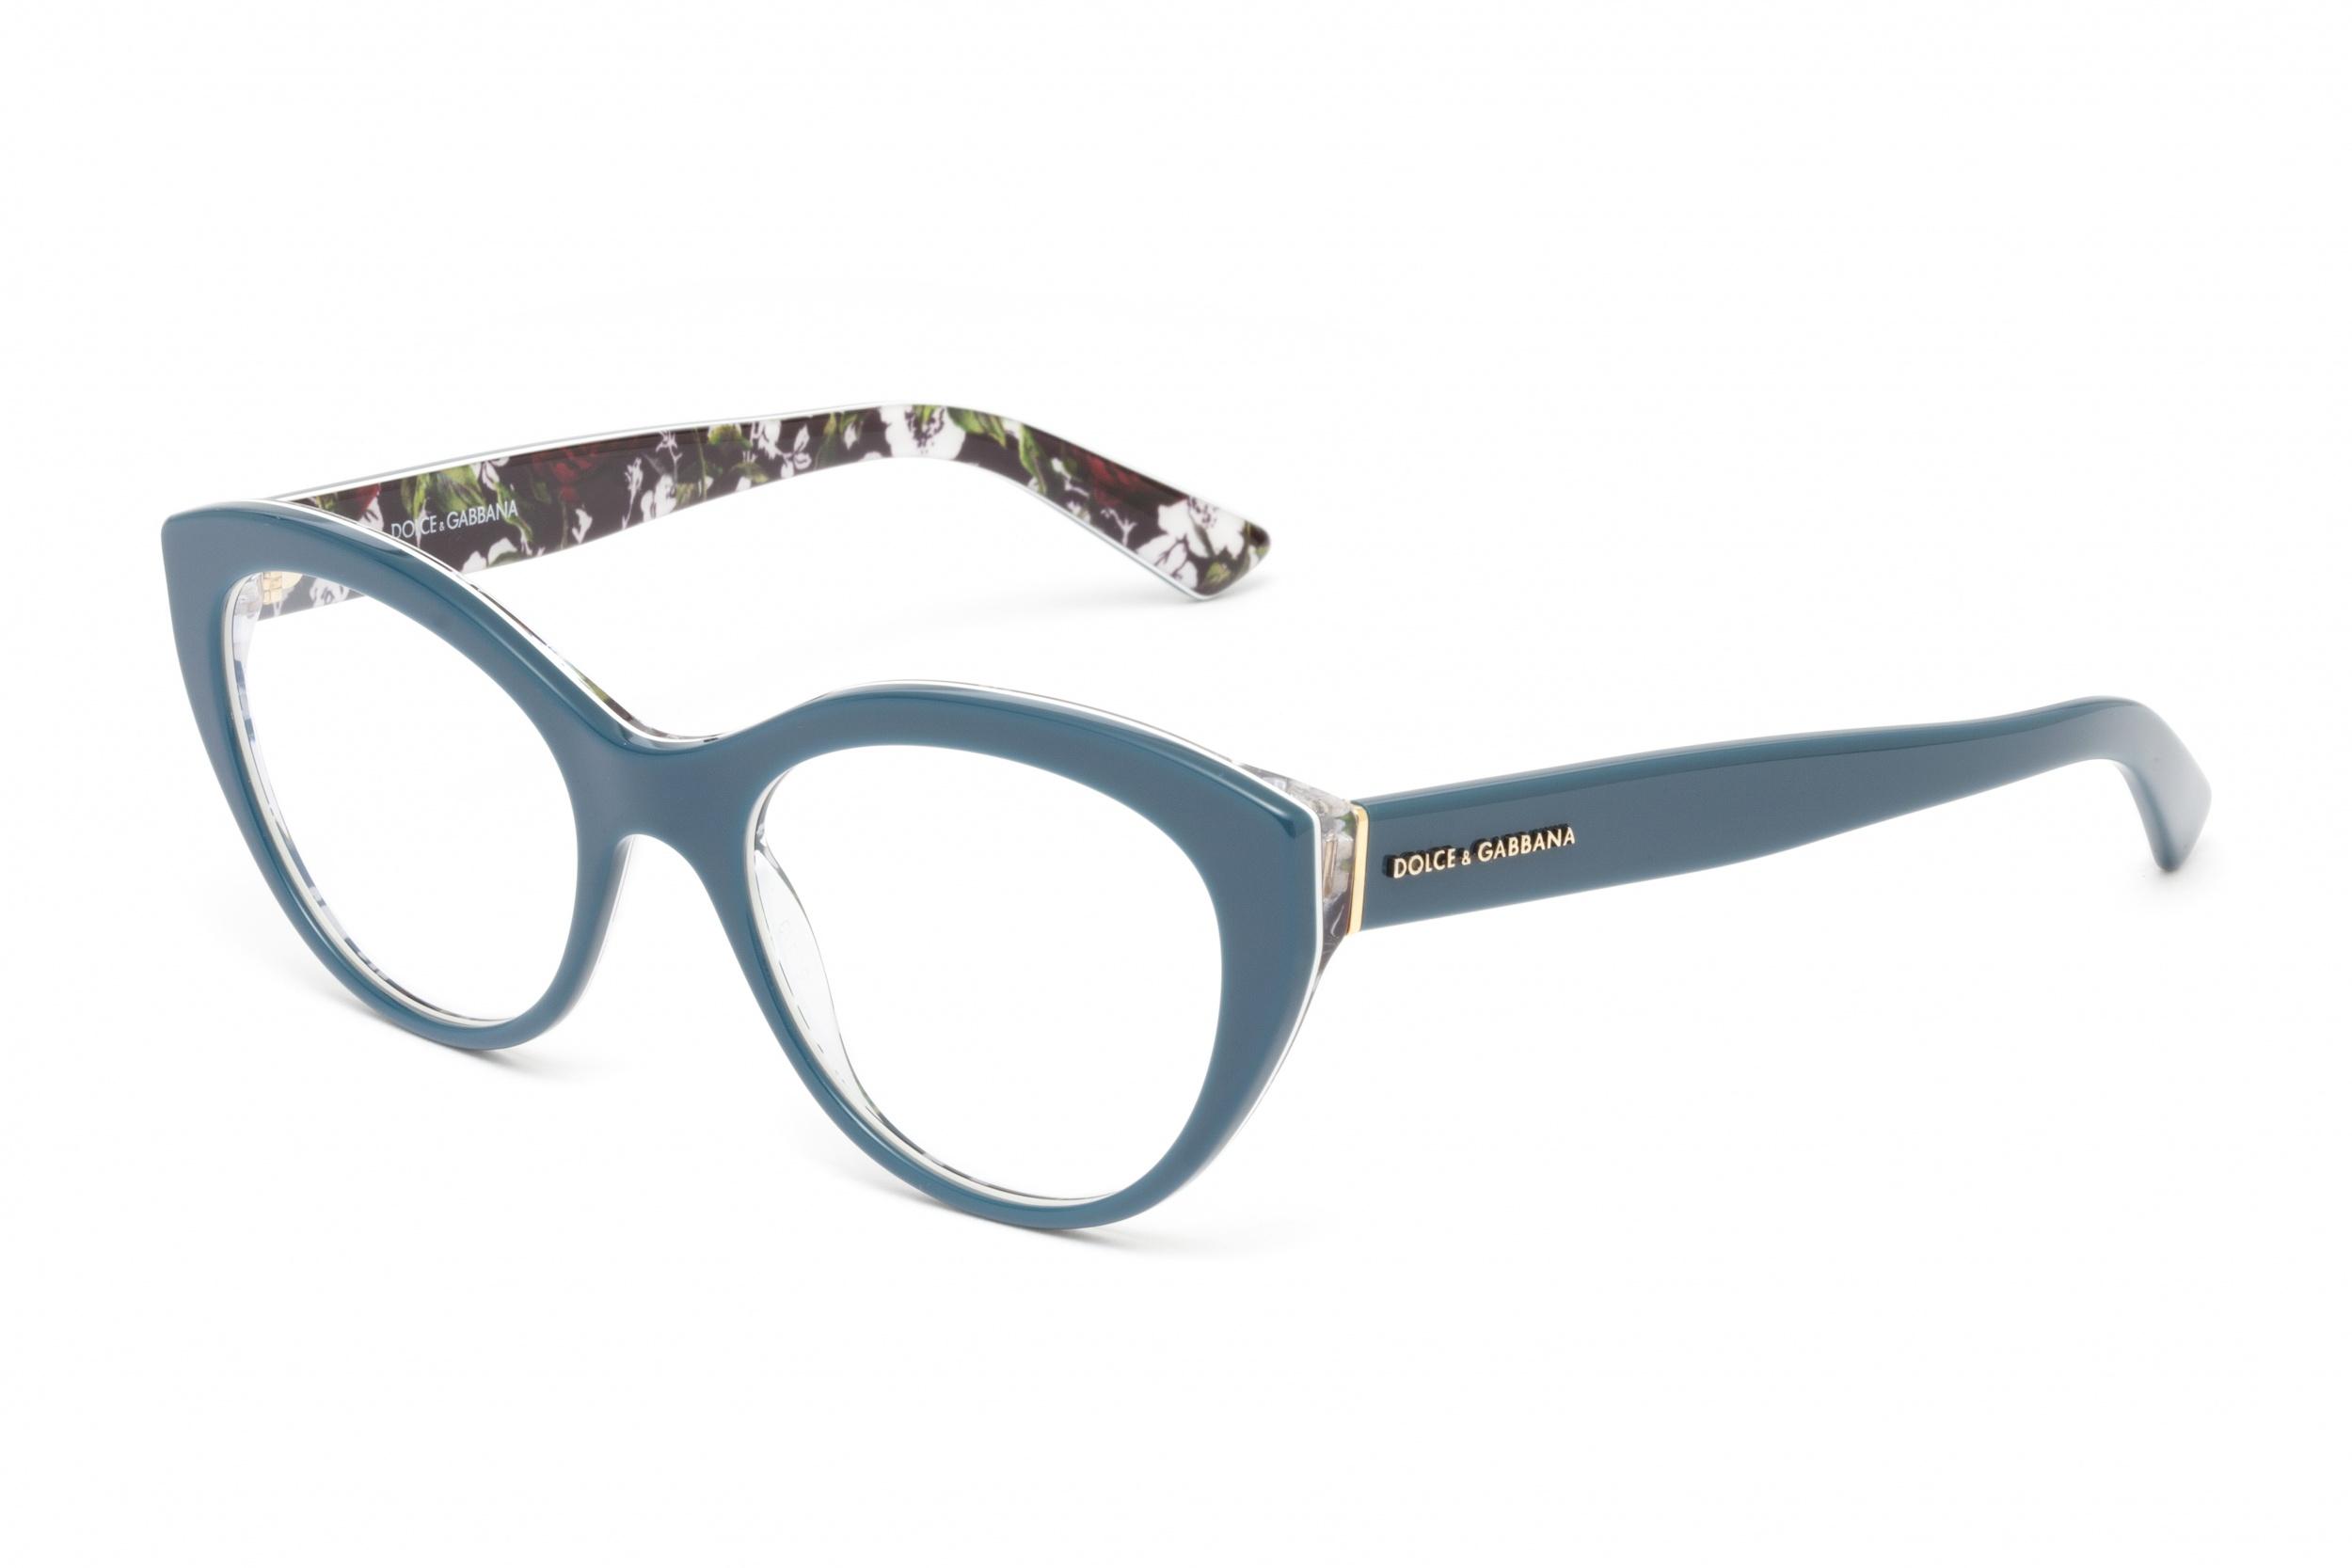 Az új kollekcióban találunk finom vonalvezetésű napszemüvegeket is. A DG  4268 sorozatjelű modelleknél az acetát keret és szárvégek szépen fogják  közre az ... d46ac5a8f5